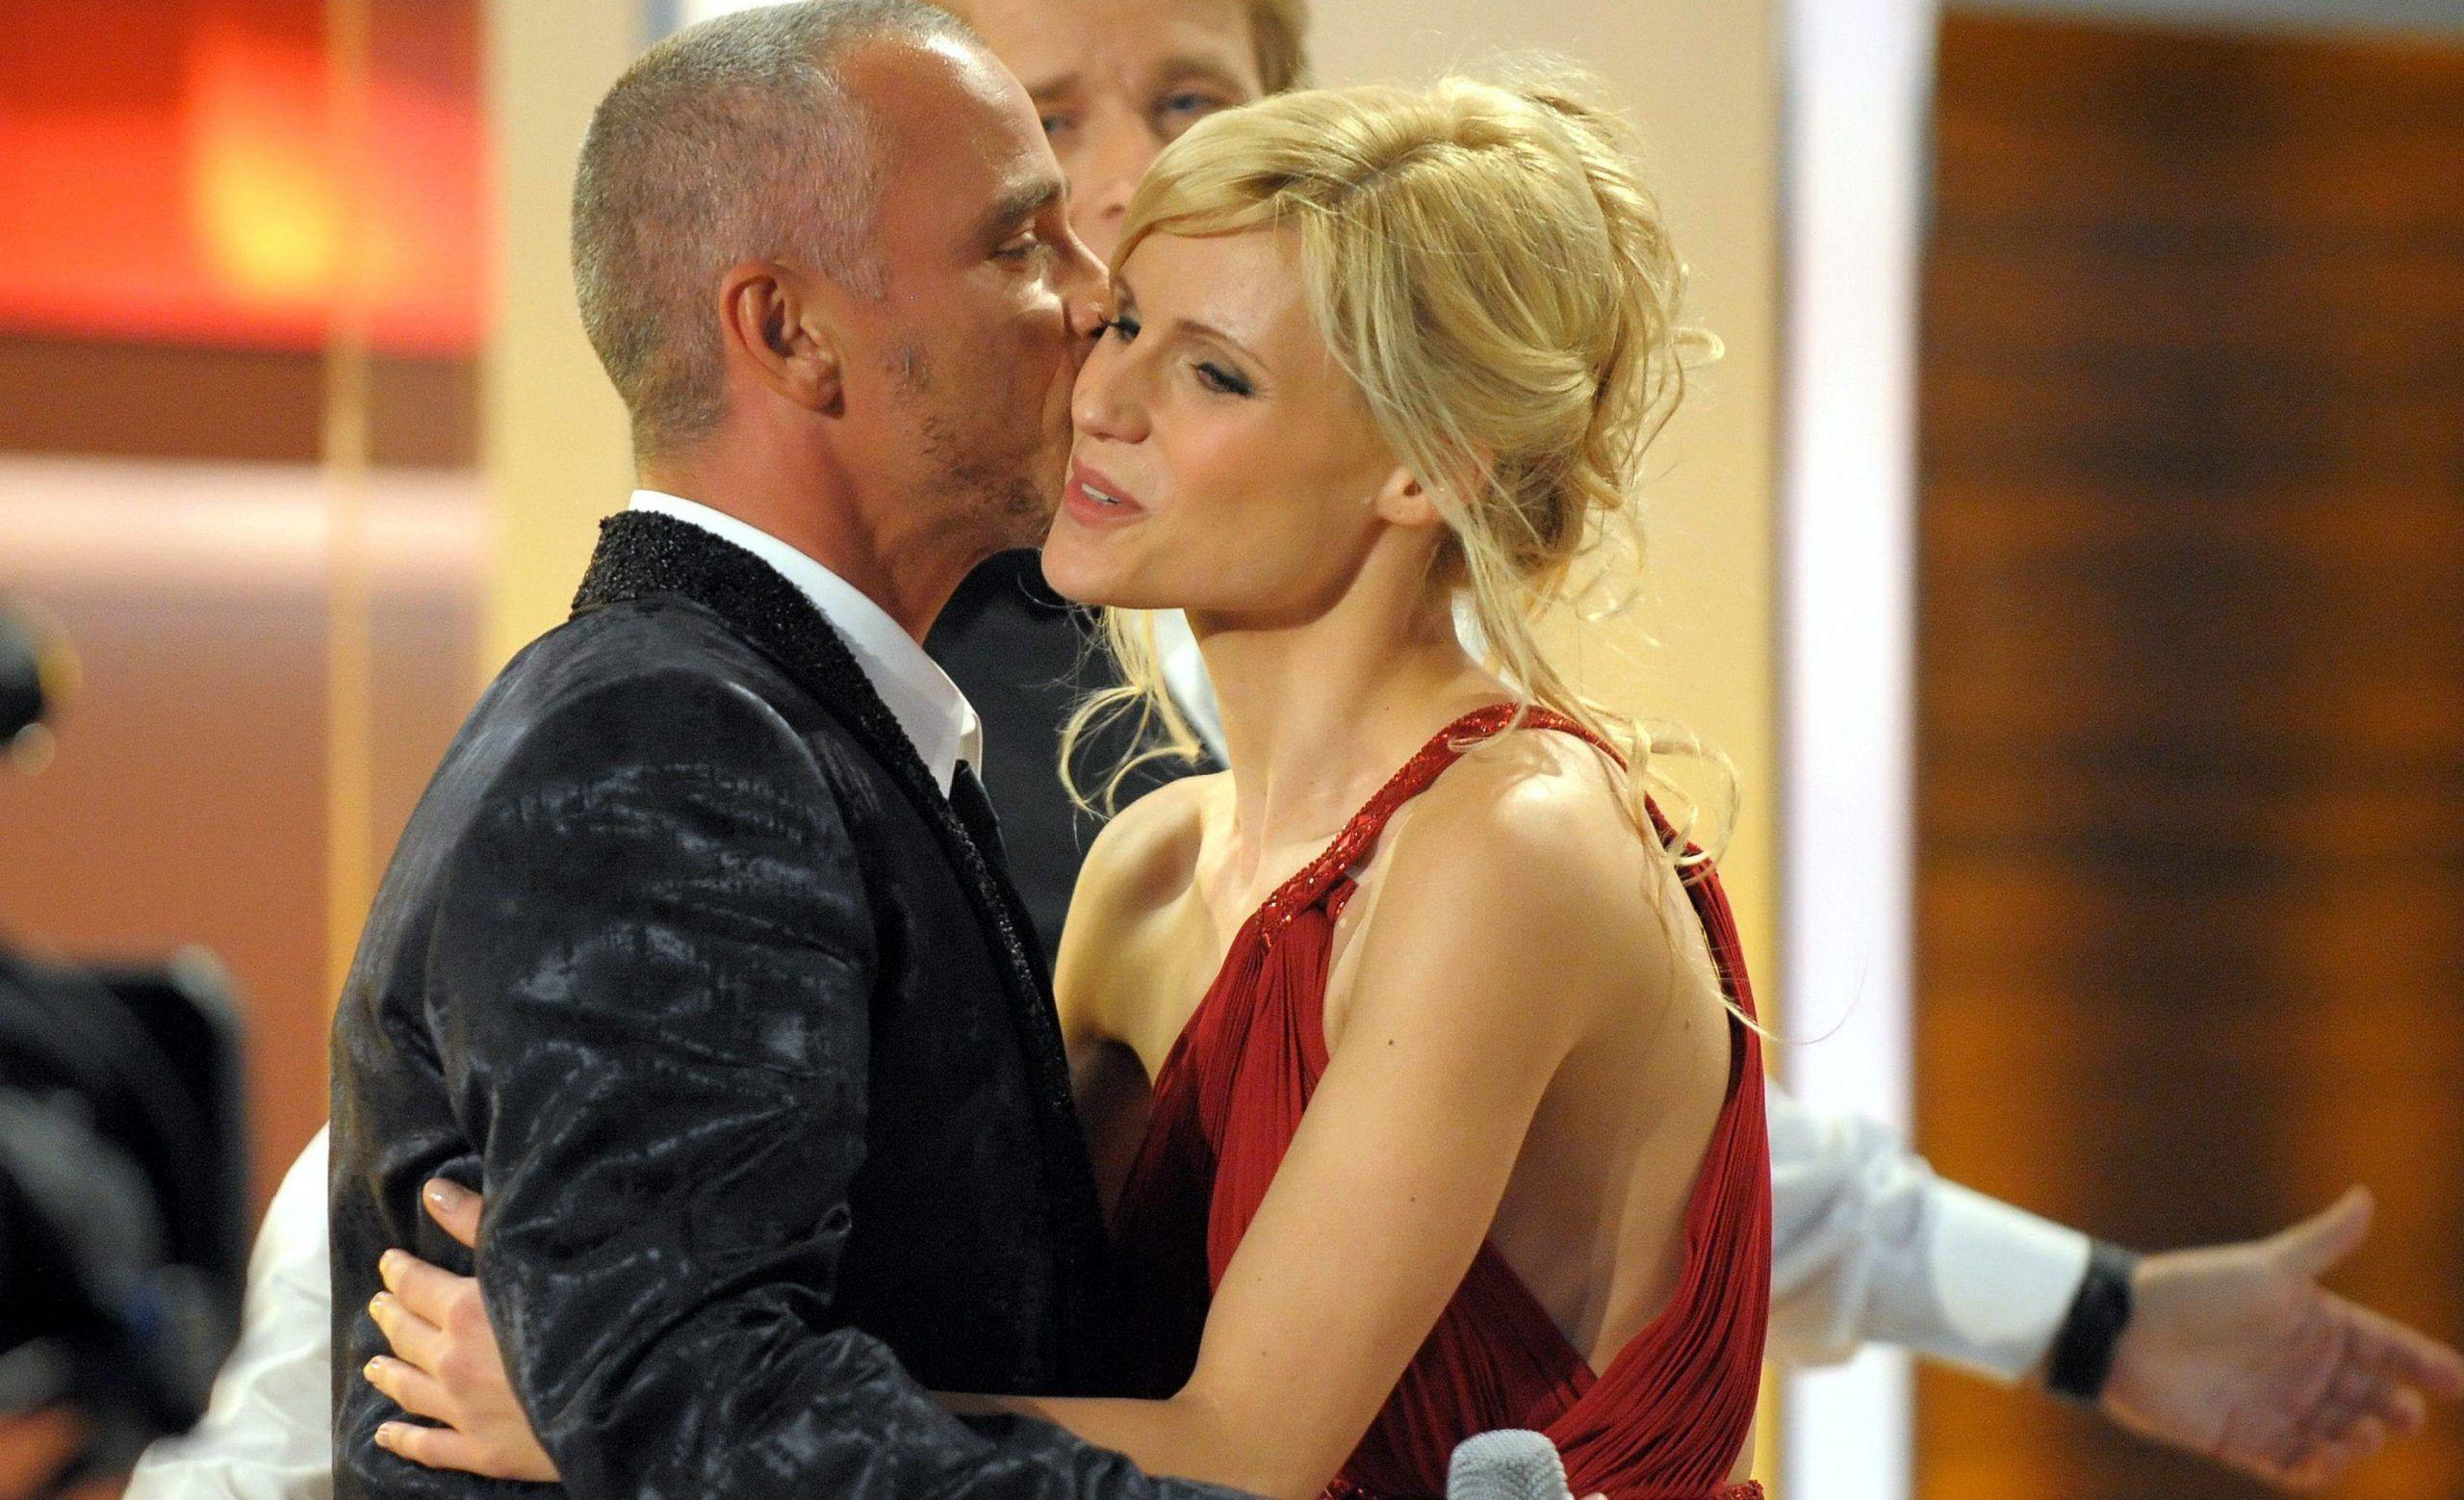 Michelle Hunziker: 'Eros Ramazzotti era talmente innamorato che girò tutta Bologna per trovarmi'